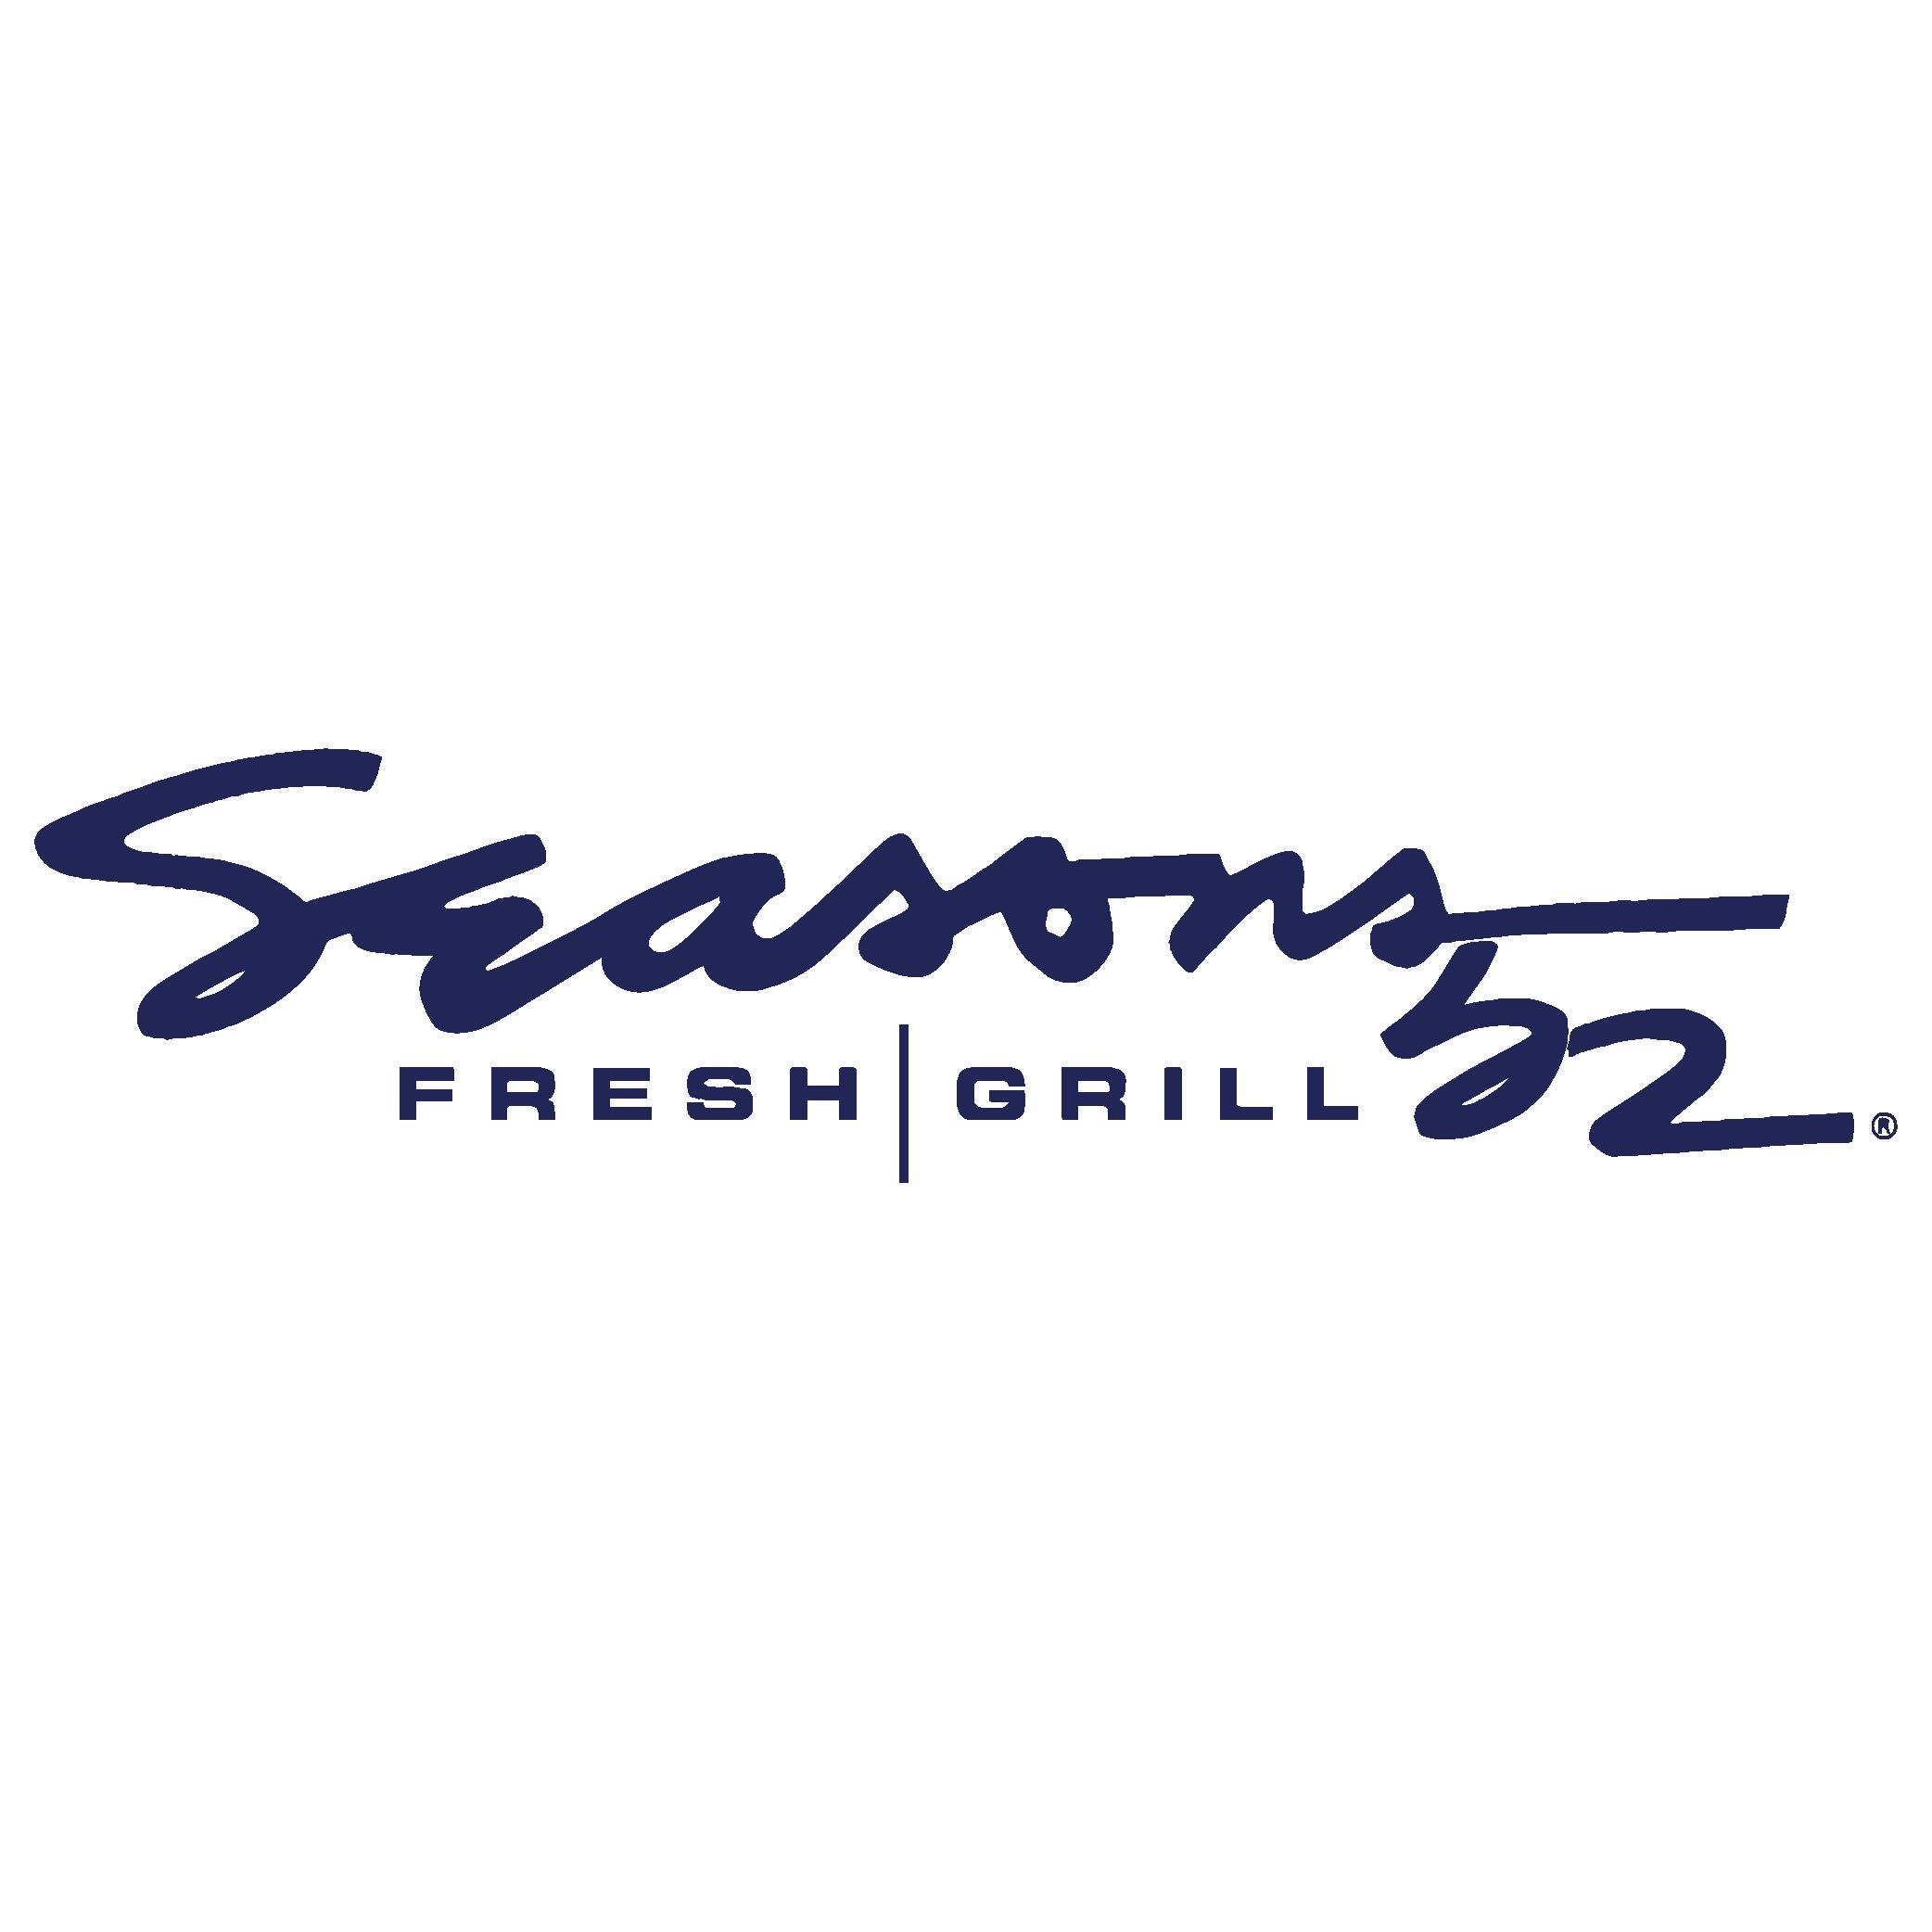 seasons 52 logo